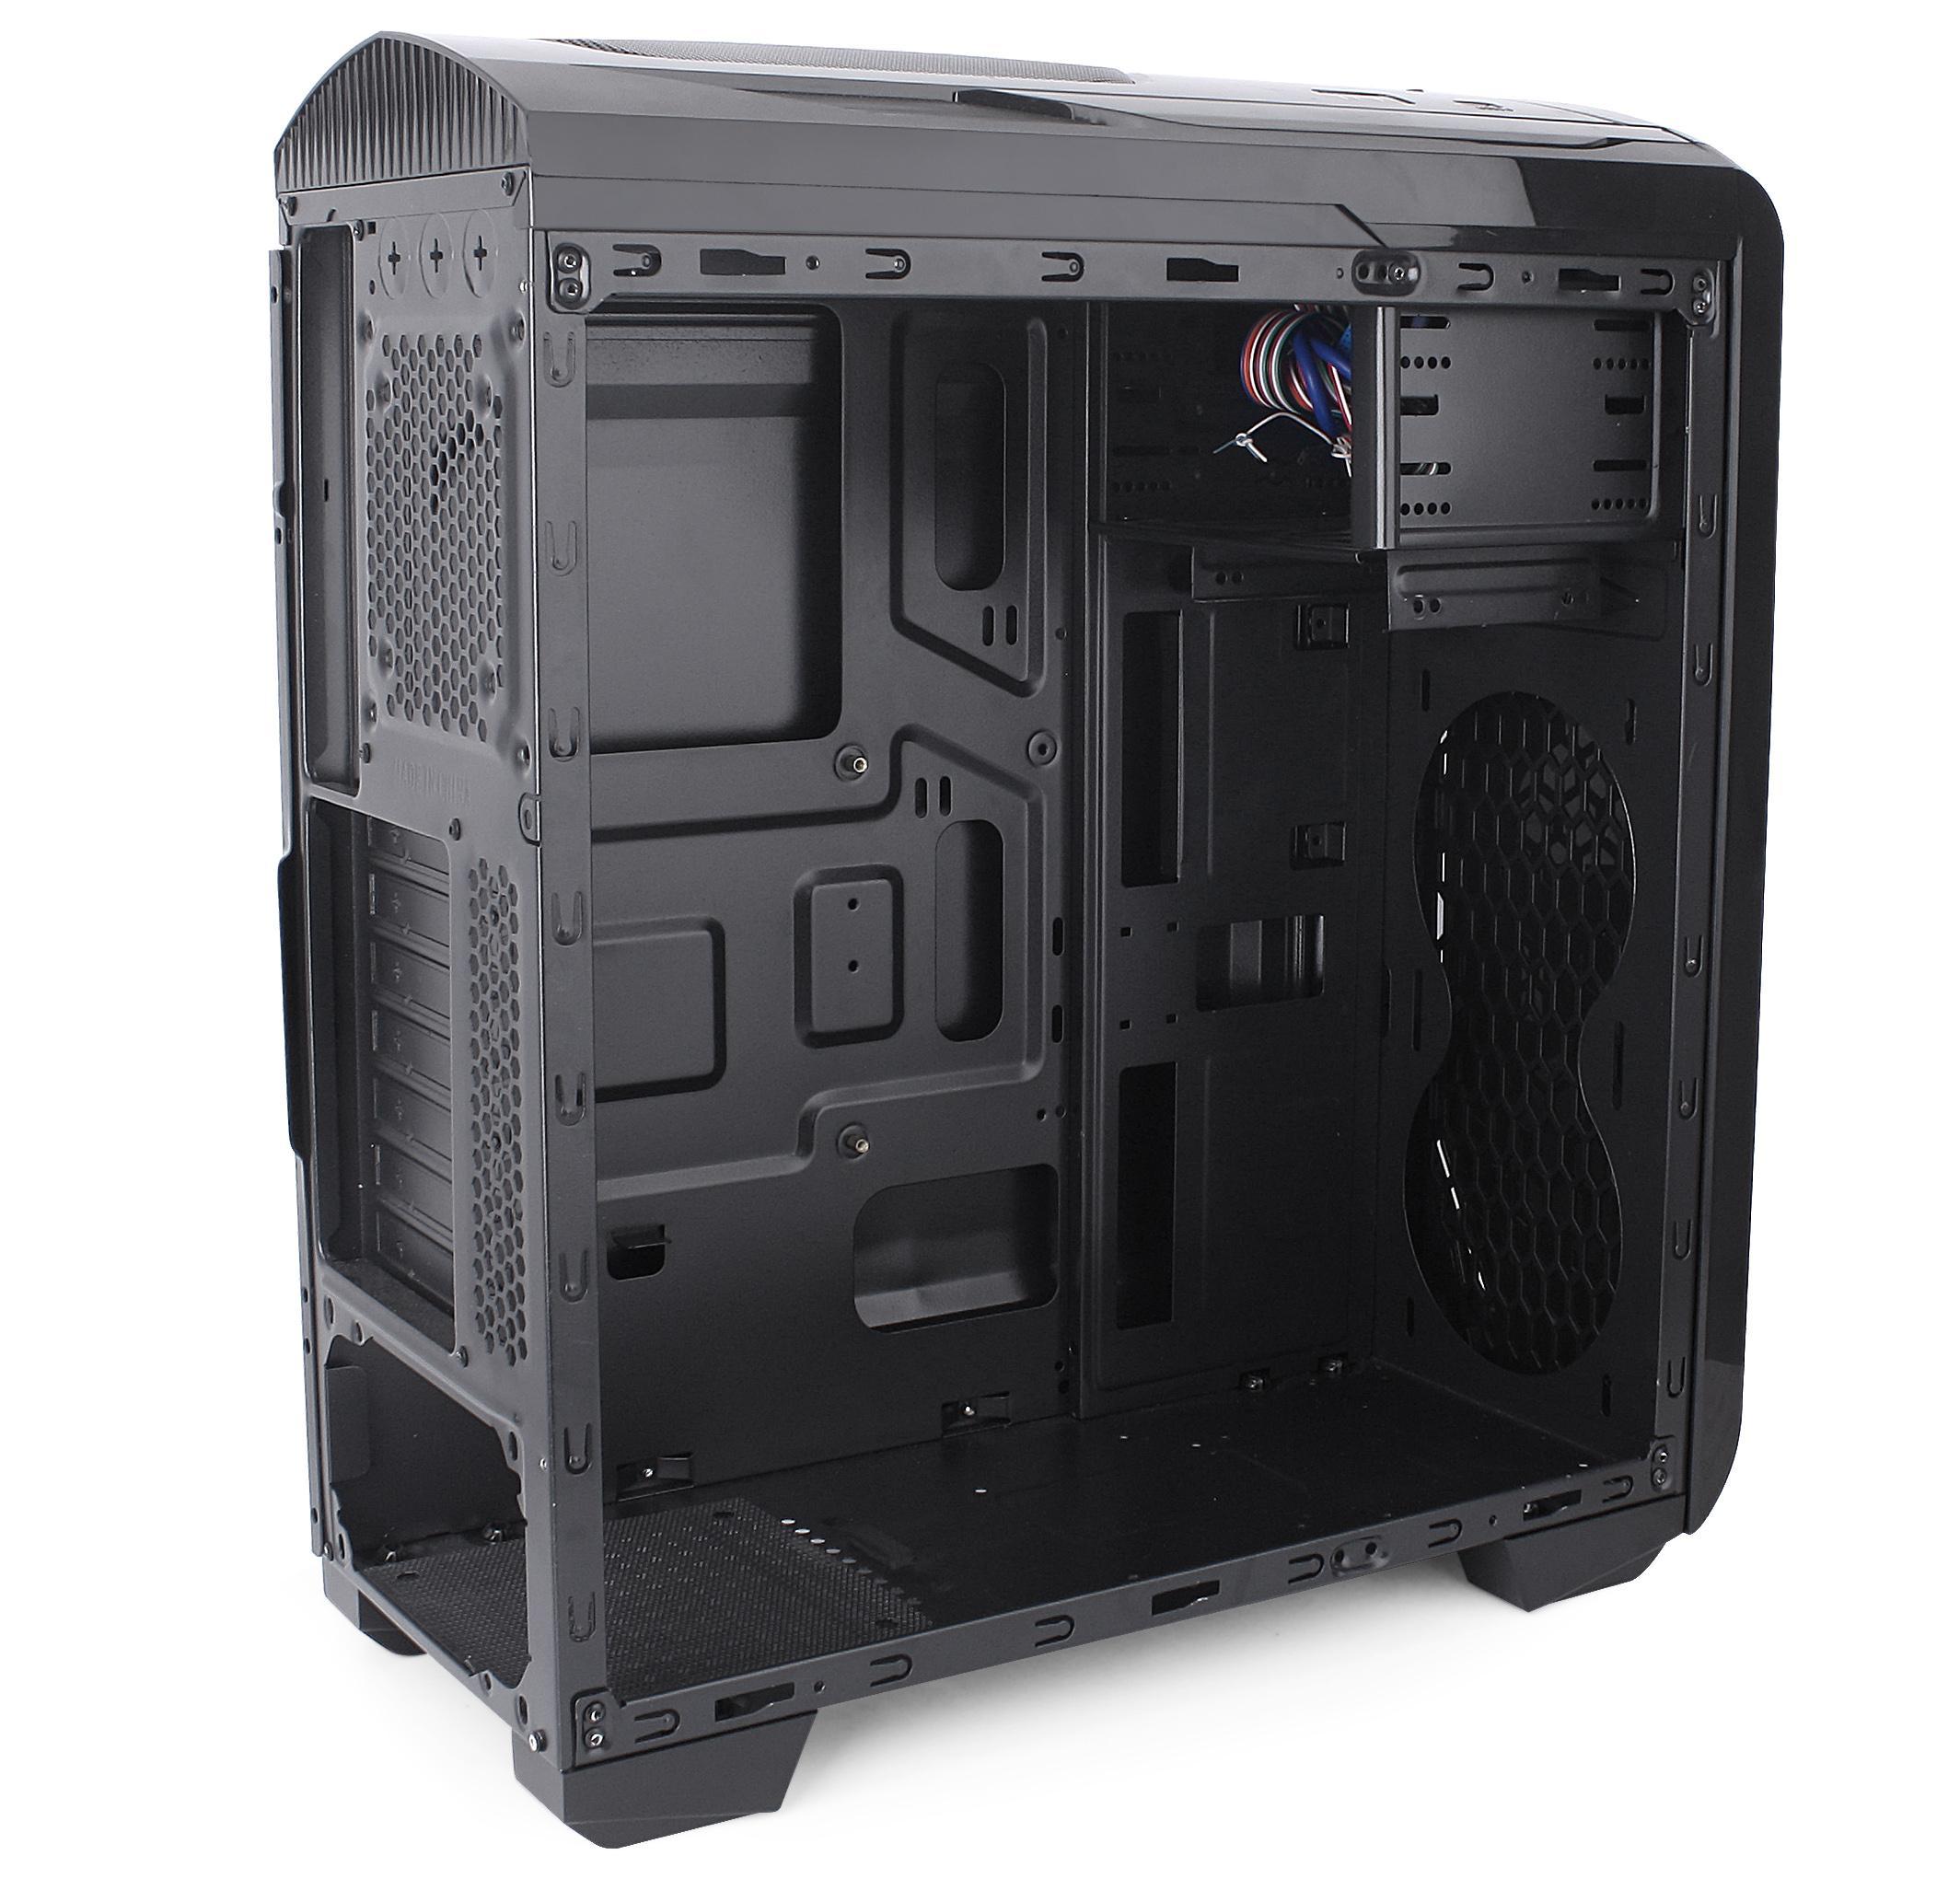 Кутия SPIRE SPITZER 20 X2-C6020B-V2-U3 Blue Led, ATX, Черна